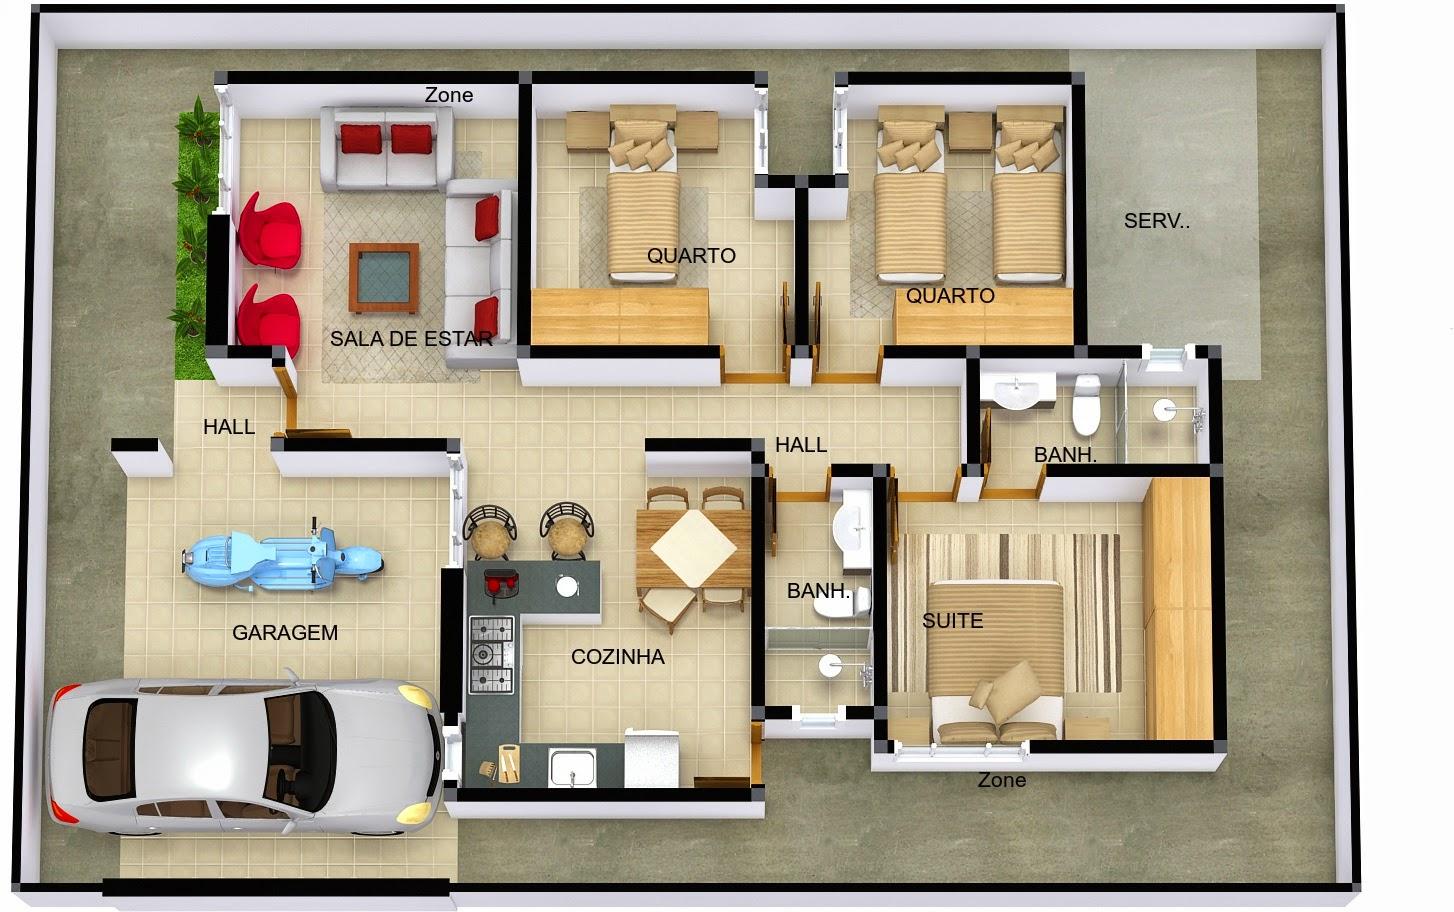 Plantas de casas com 3 quartos for Casa moderna 2 andares 3 quartos